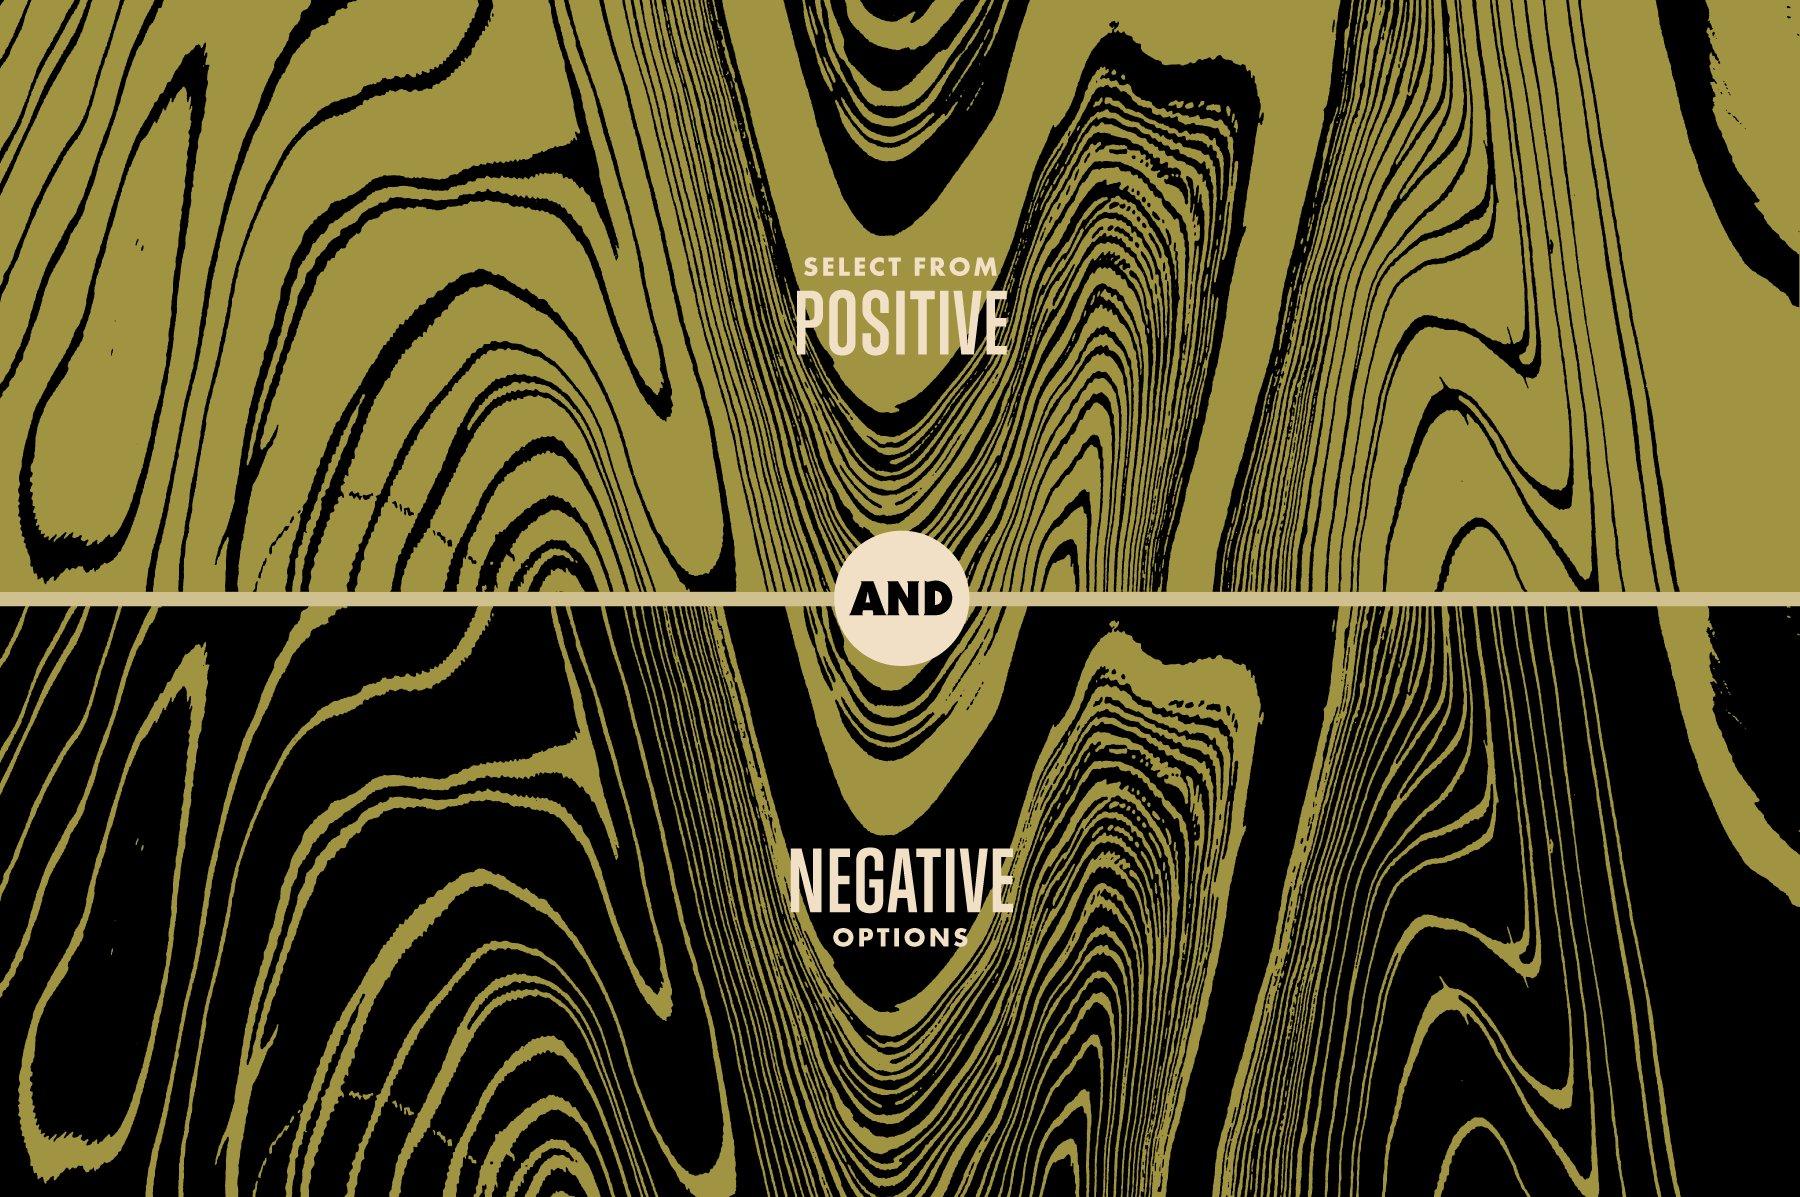 16款酸色调扭曲故障复制纹理平面广告设计背景矢量素材 Acid Tone Warped Copy Textures插图(4)